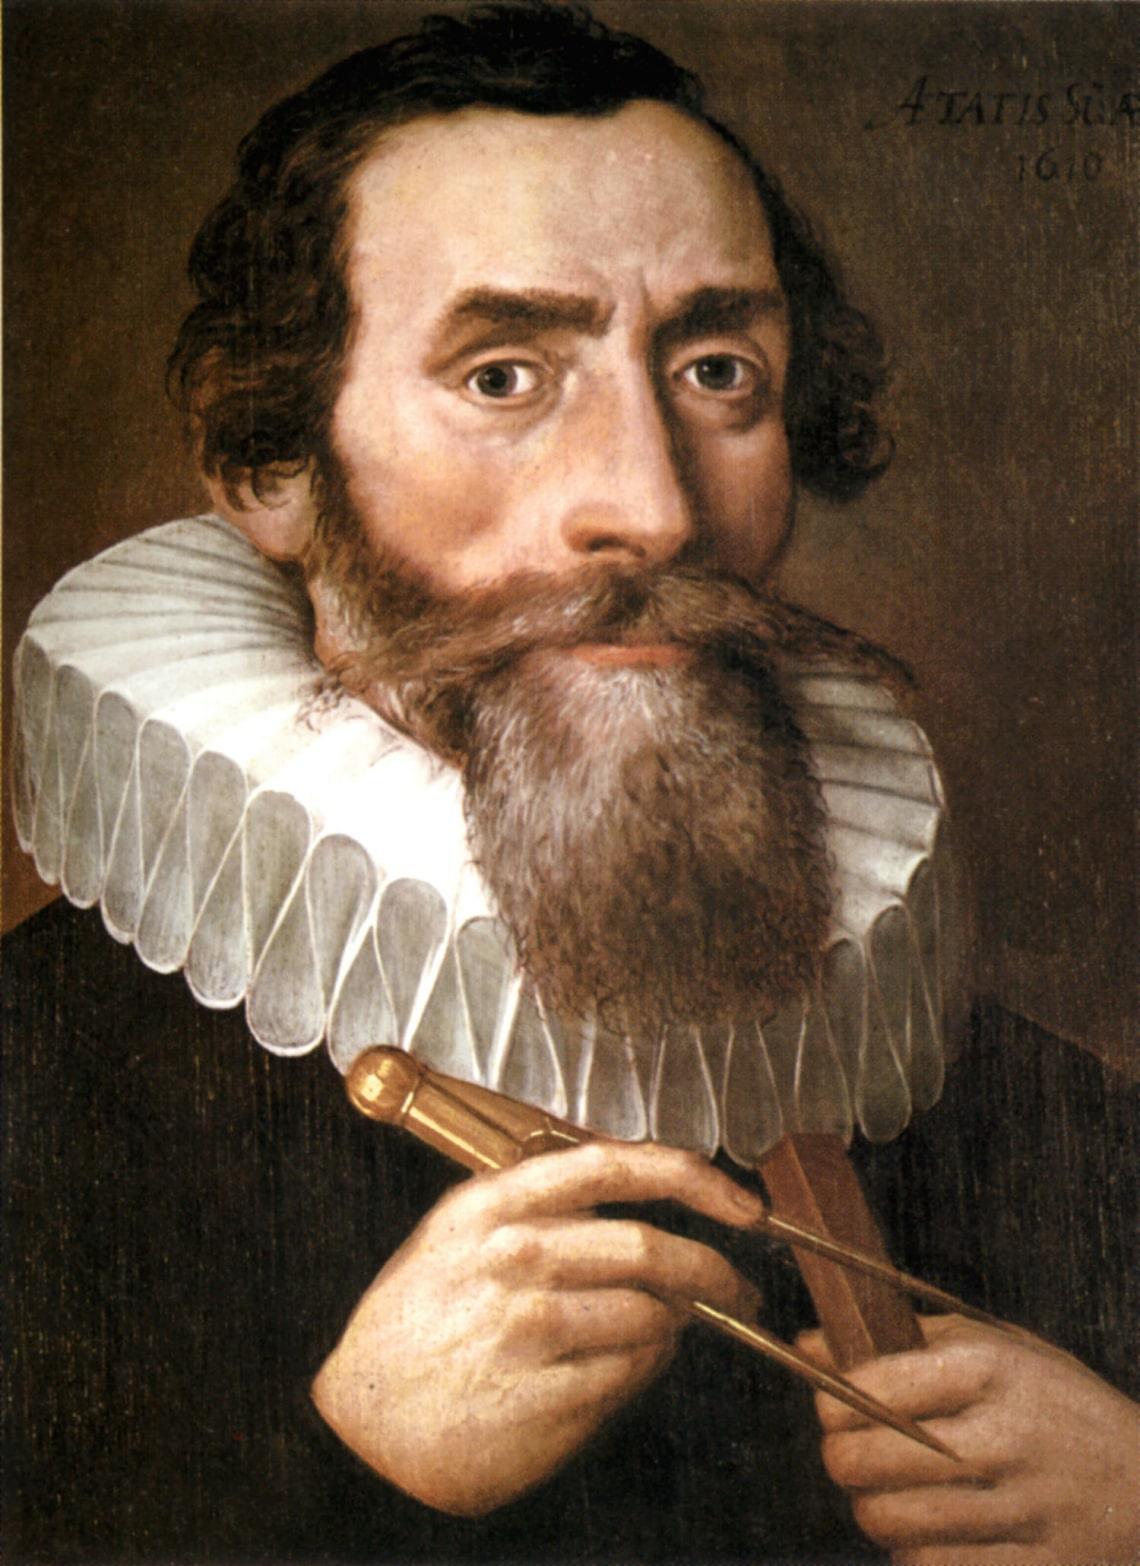 Kepler és az ő mókás munkássága, az 1600-as évekből